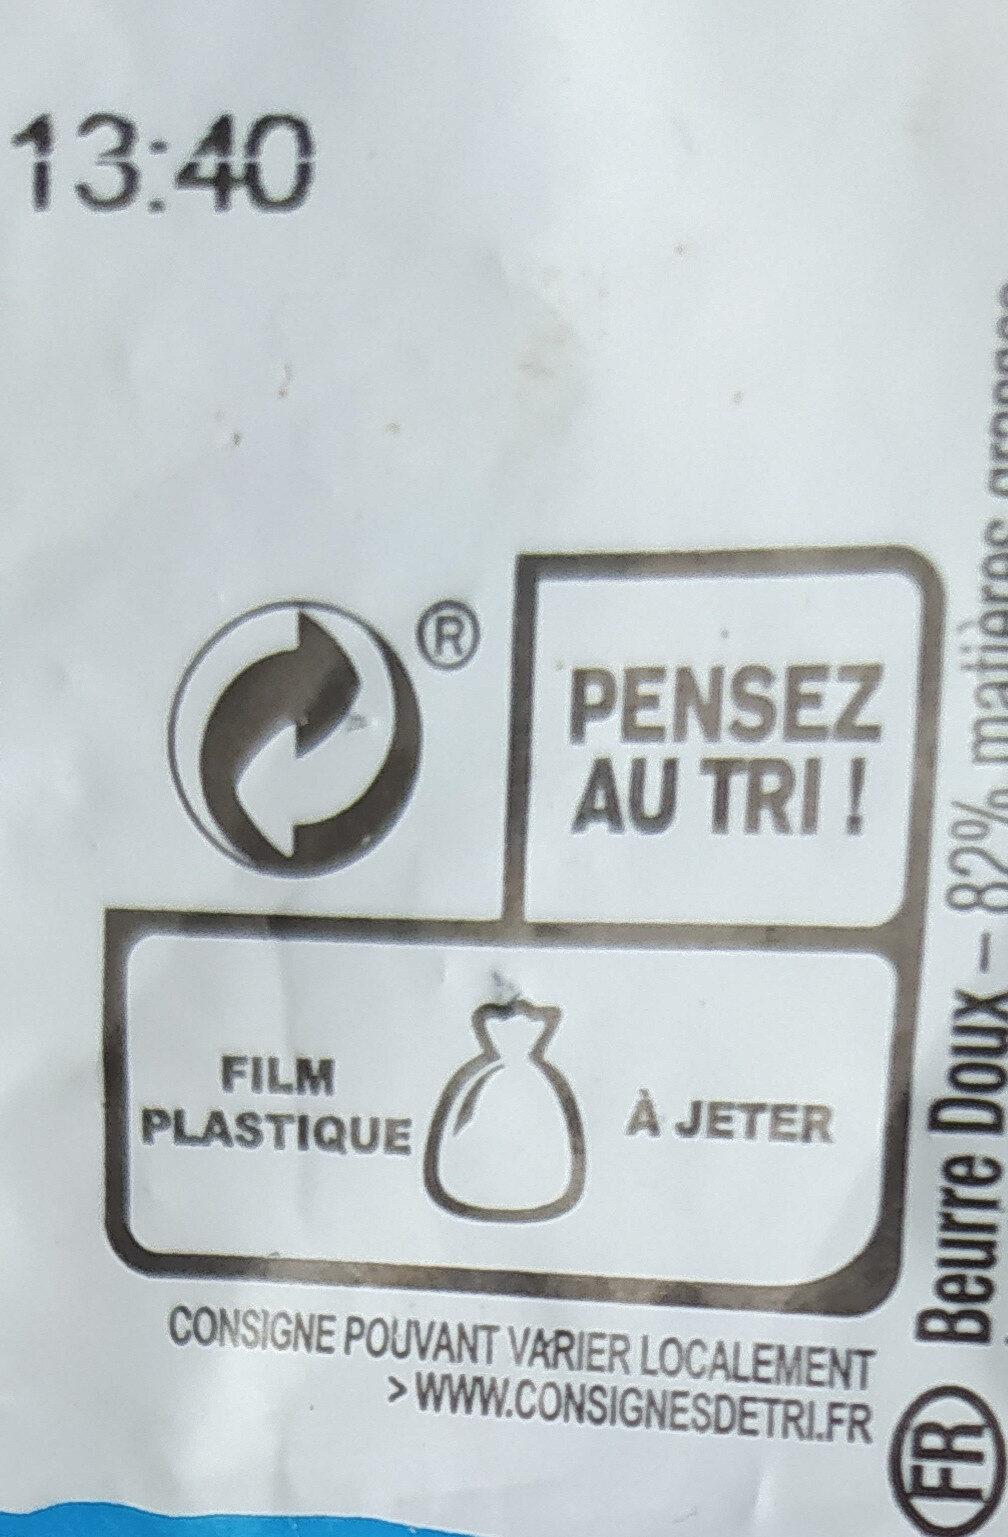 Le Beurre Moulé Doux (82 % MG) - Instruction de recyclage et/ou informations d'emballage - fr